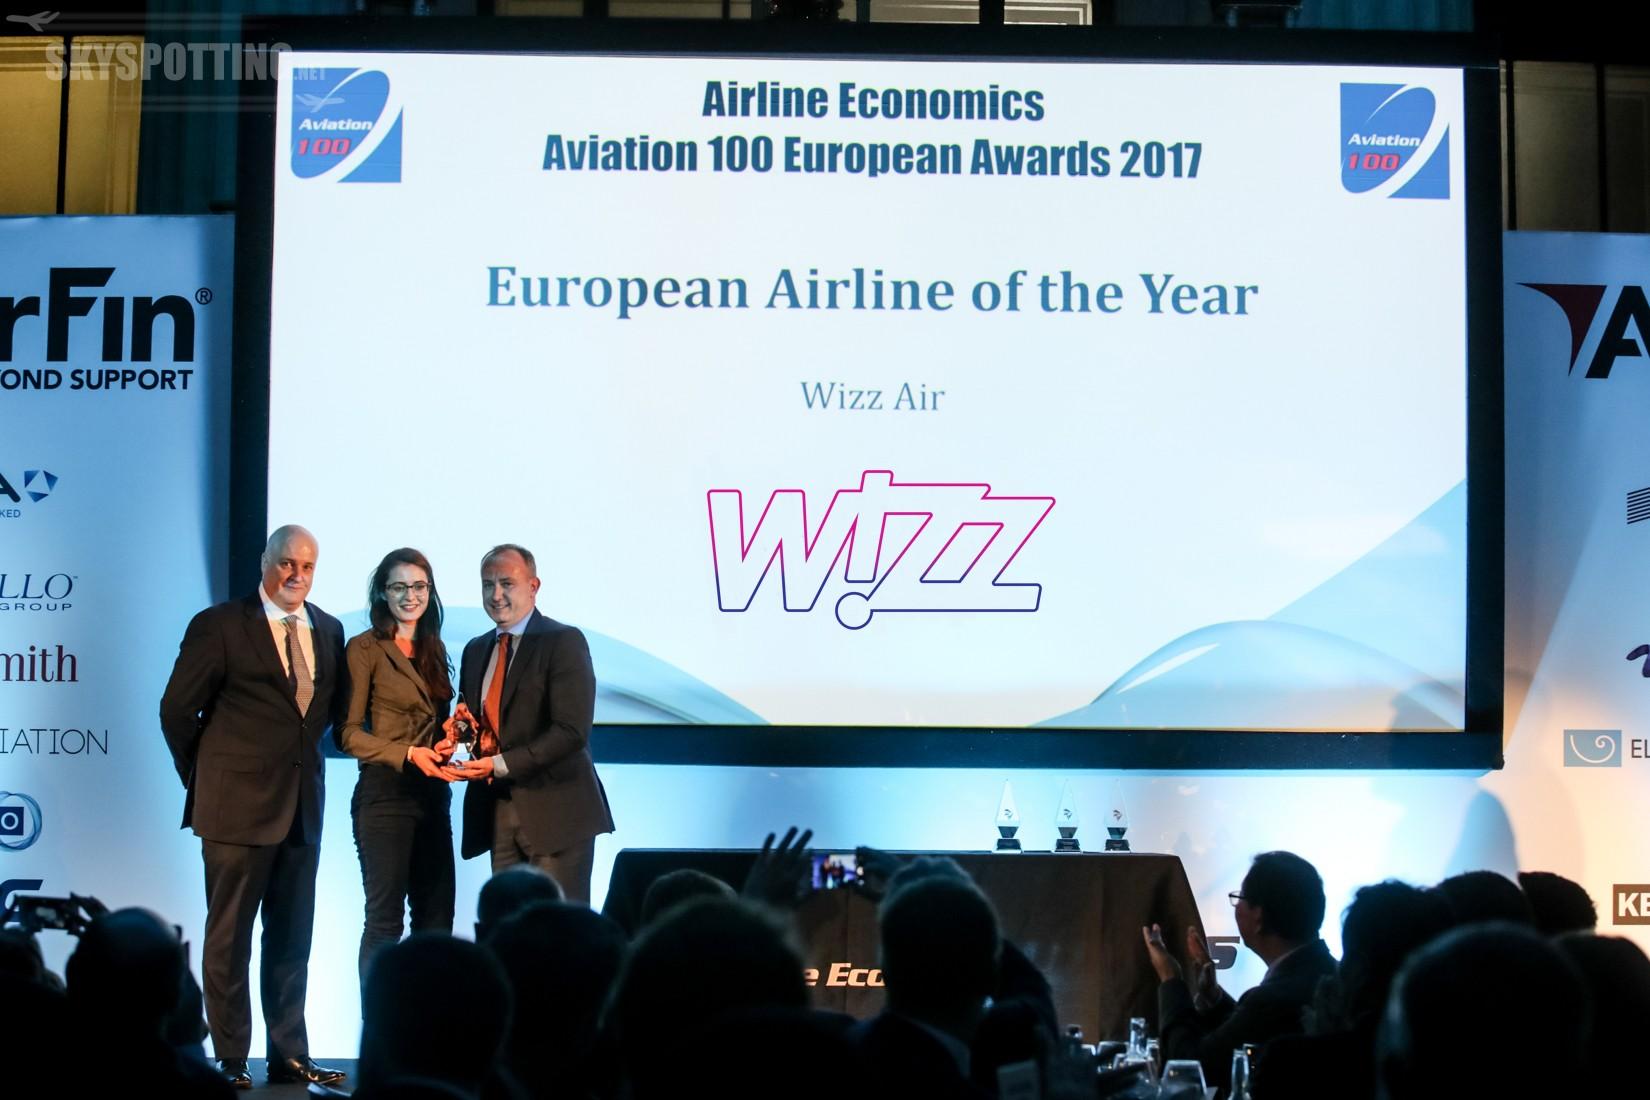 Wizz Air zdobywa tytuł europejskiej linii lotniczej roku przyznawany przez Aviation 100